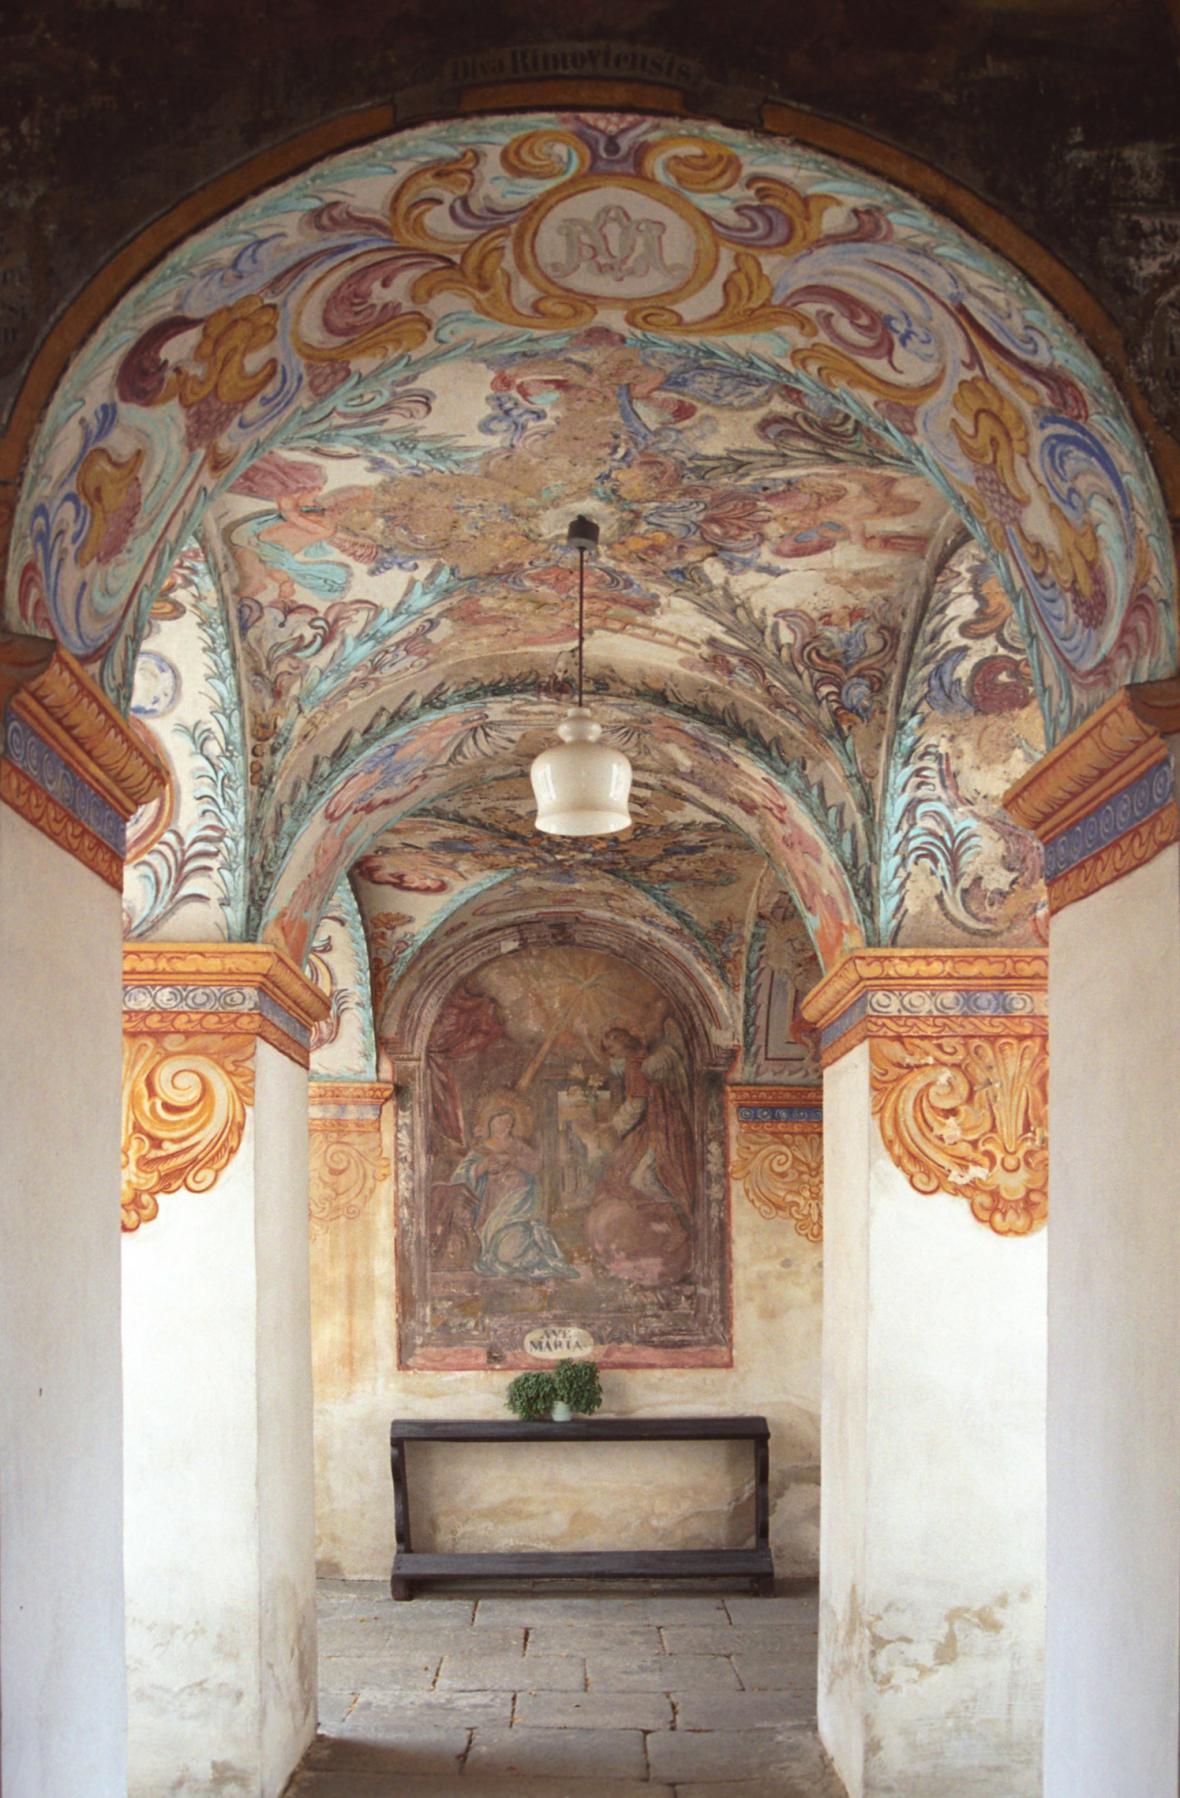 Interiér barokního kostela sv. Ducha v Římově na Českobudějovicku